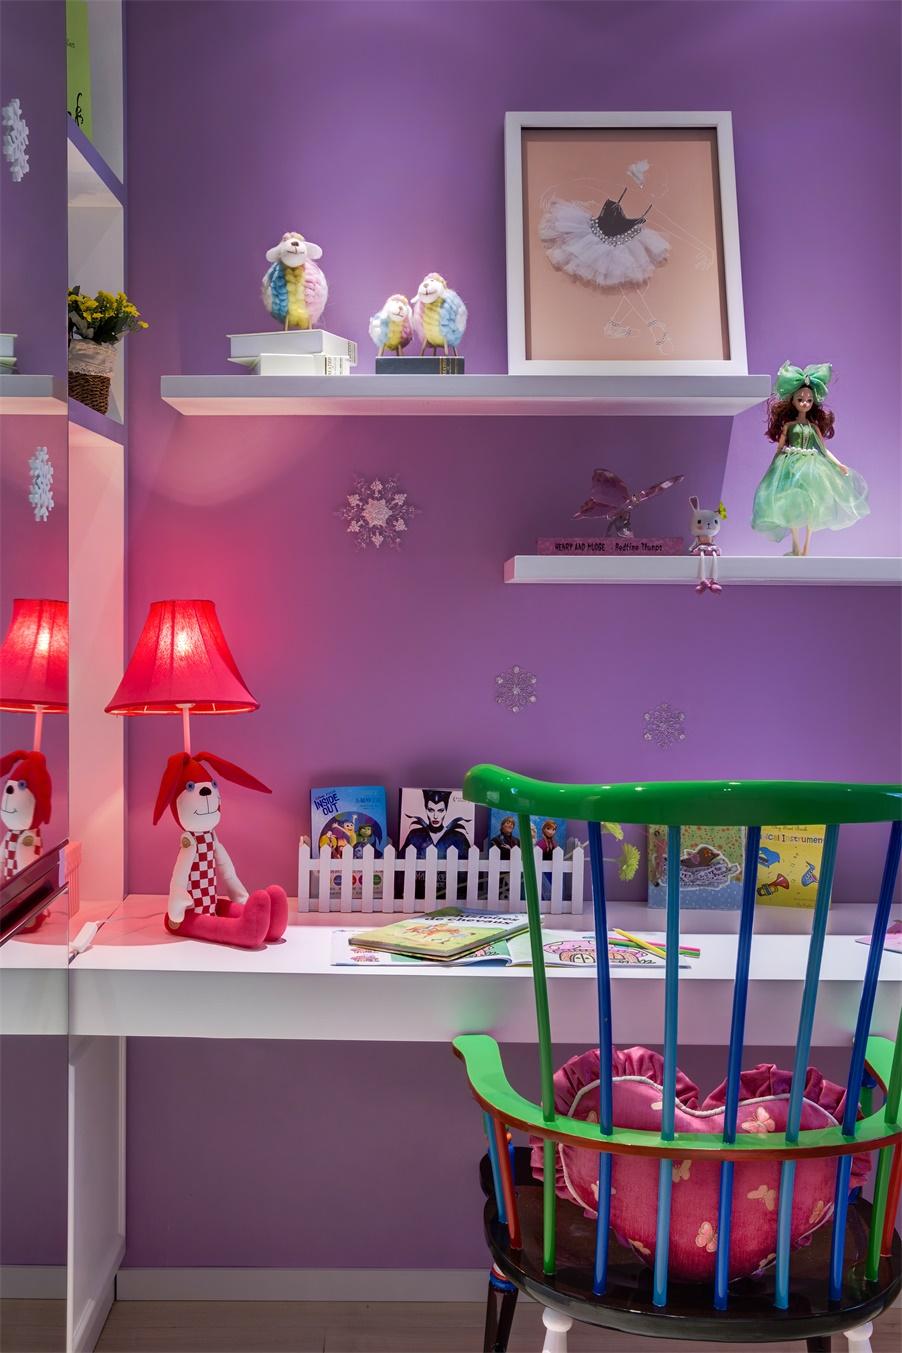 儿童写字桌通过简练的线条和造型,营造出童趣感的空间氛围。